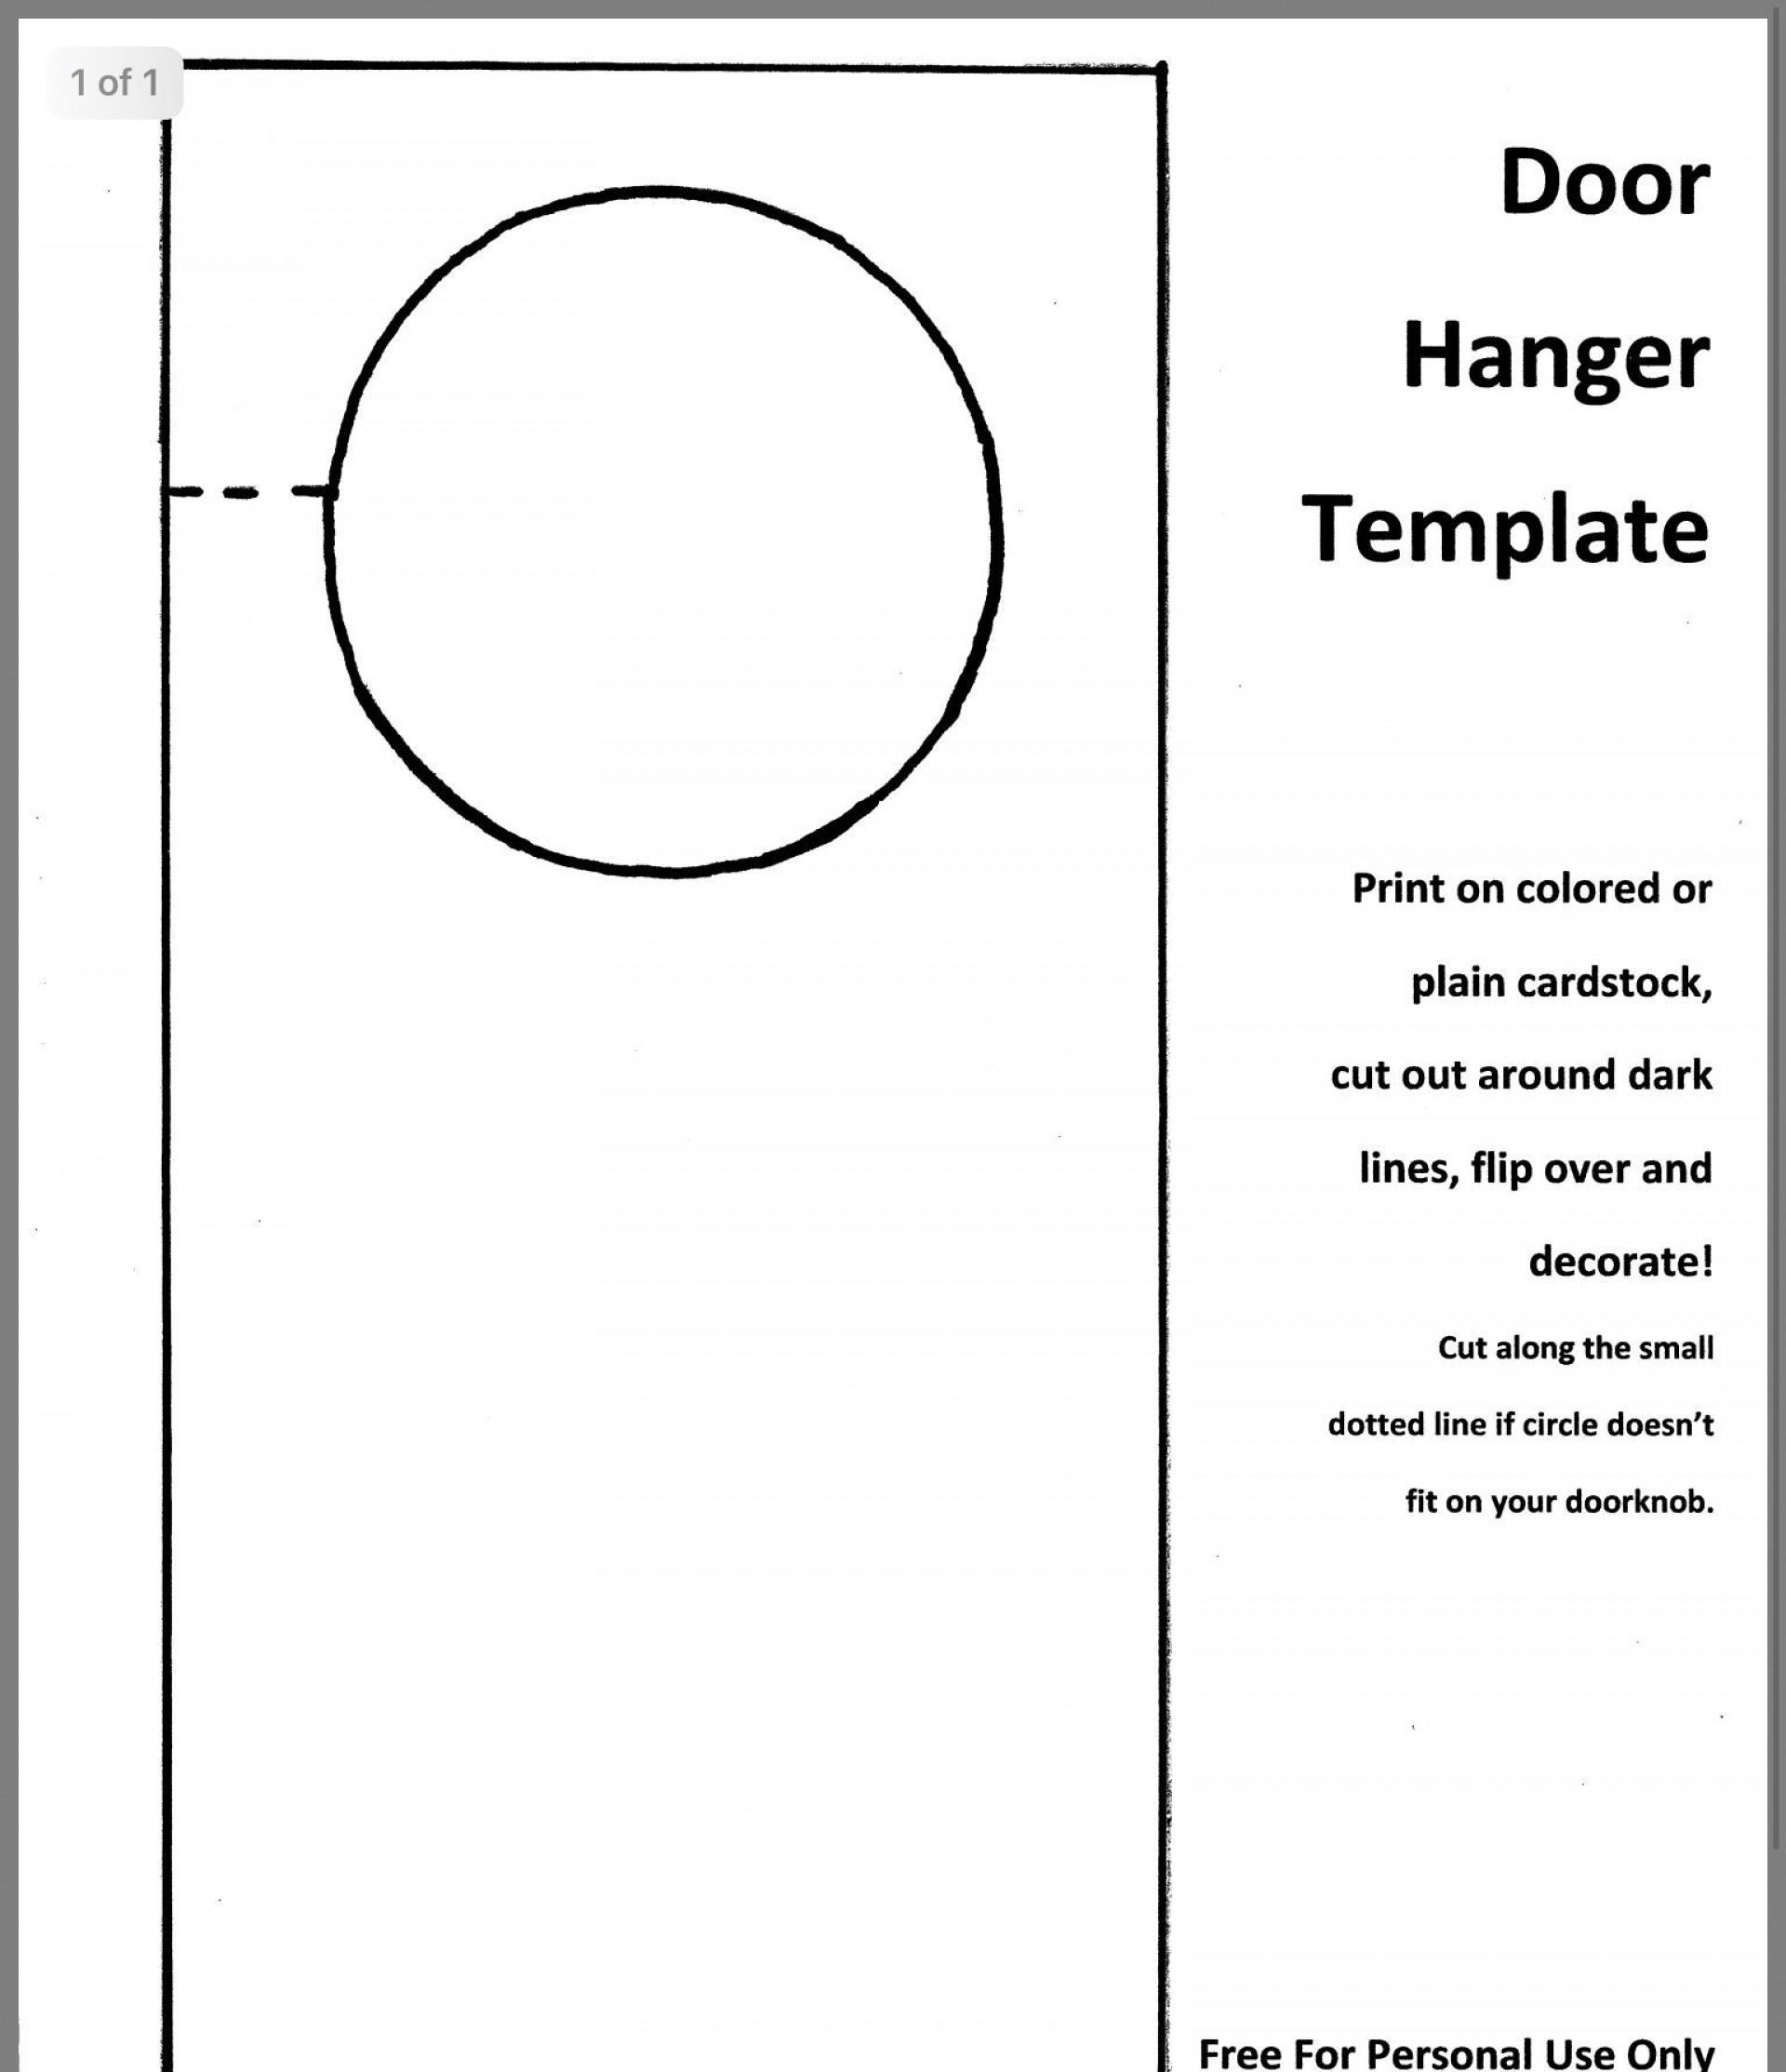 001 Impressive Free Door Hanger Template Photo  Templates Printable Wedding Blank Doorknob1920